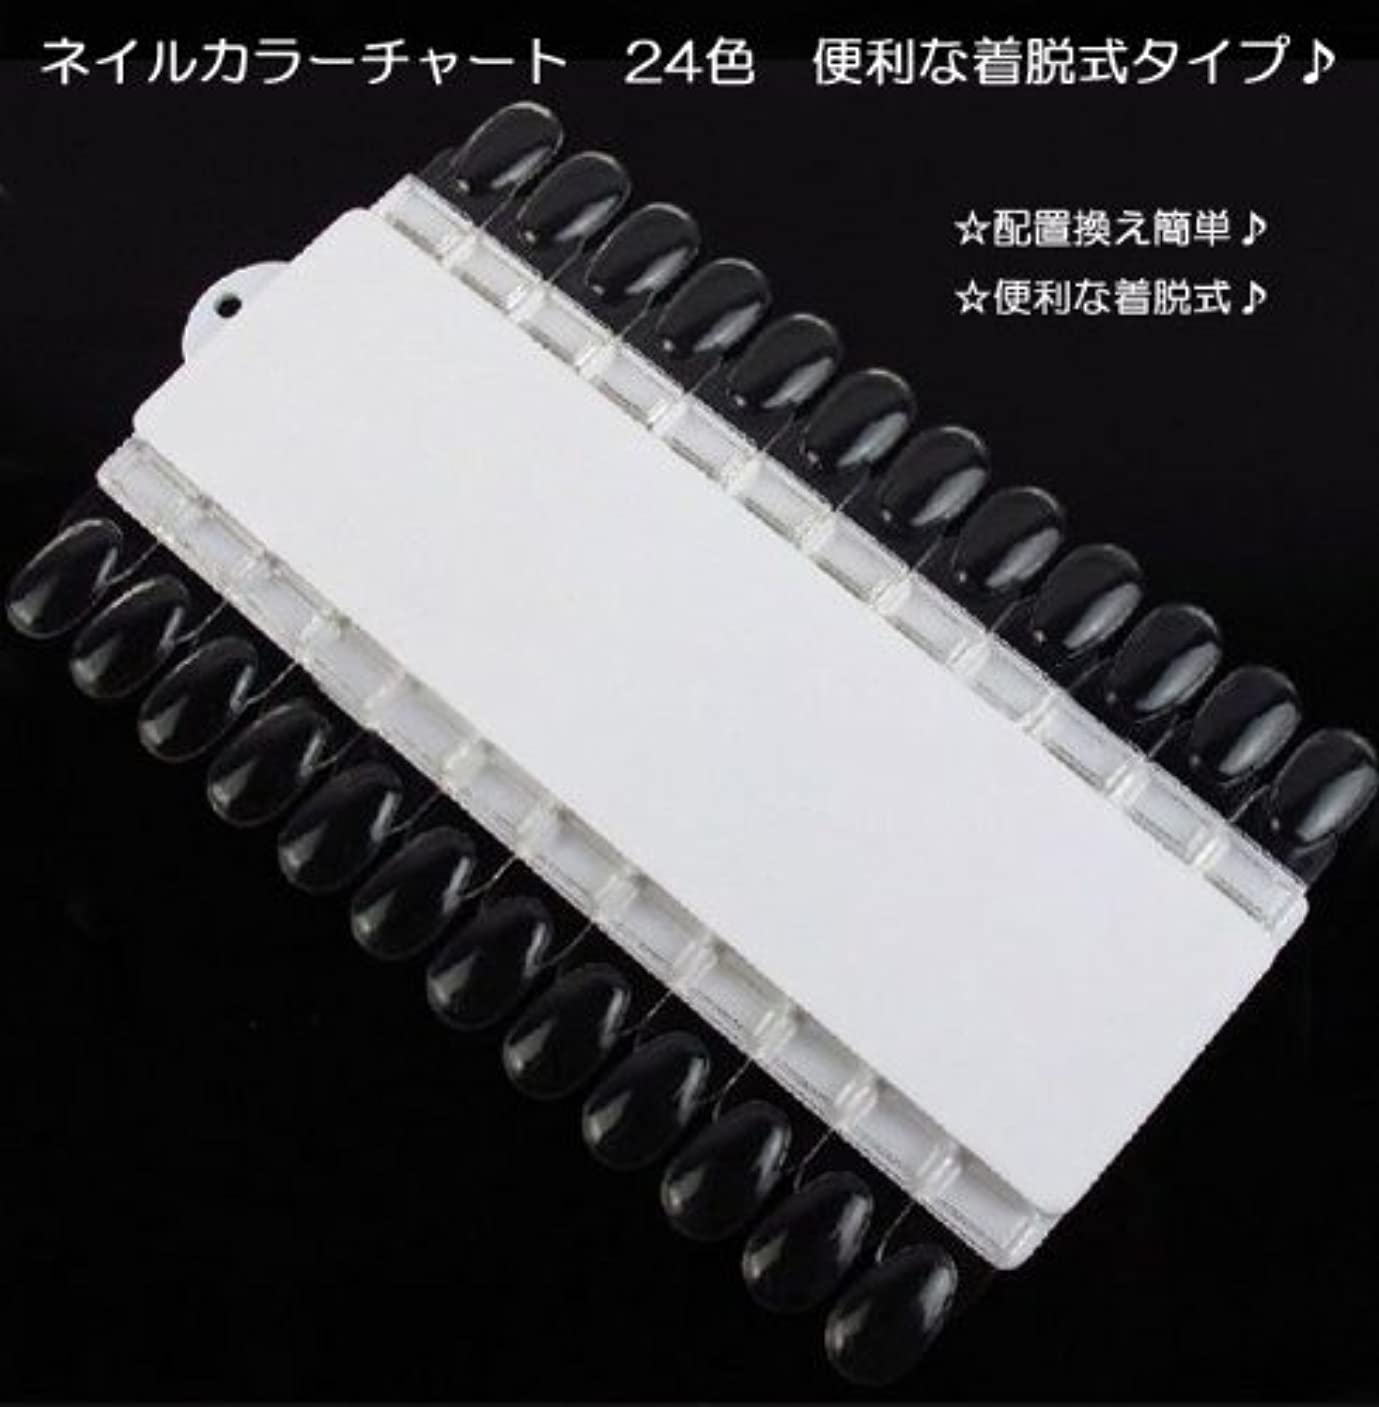 ピルレパートリーミリメートル【新入荷!】ネイルカラーチャート 24色 便利な着脱式タイプ?